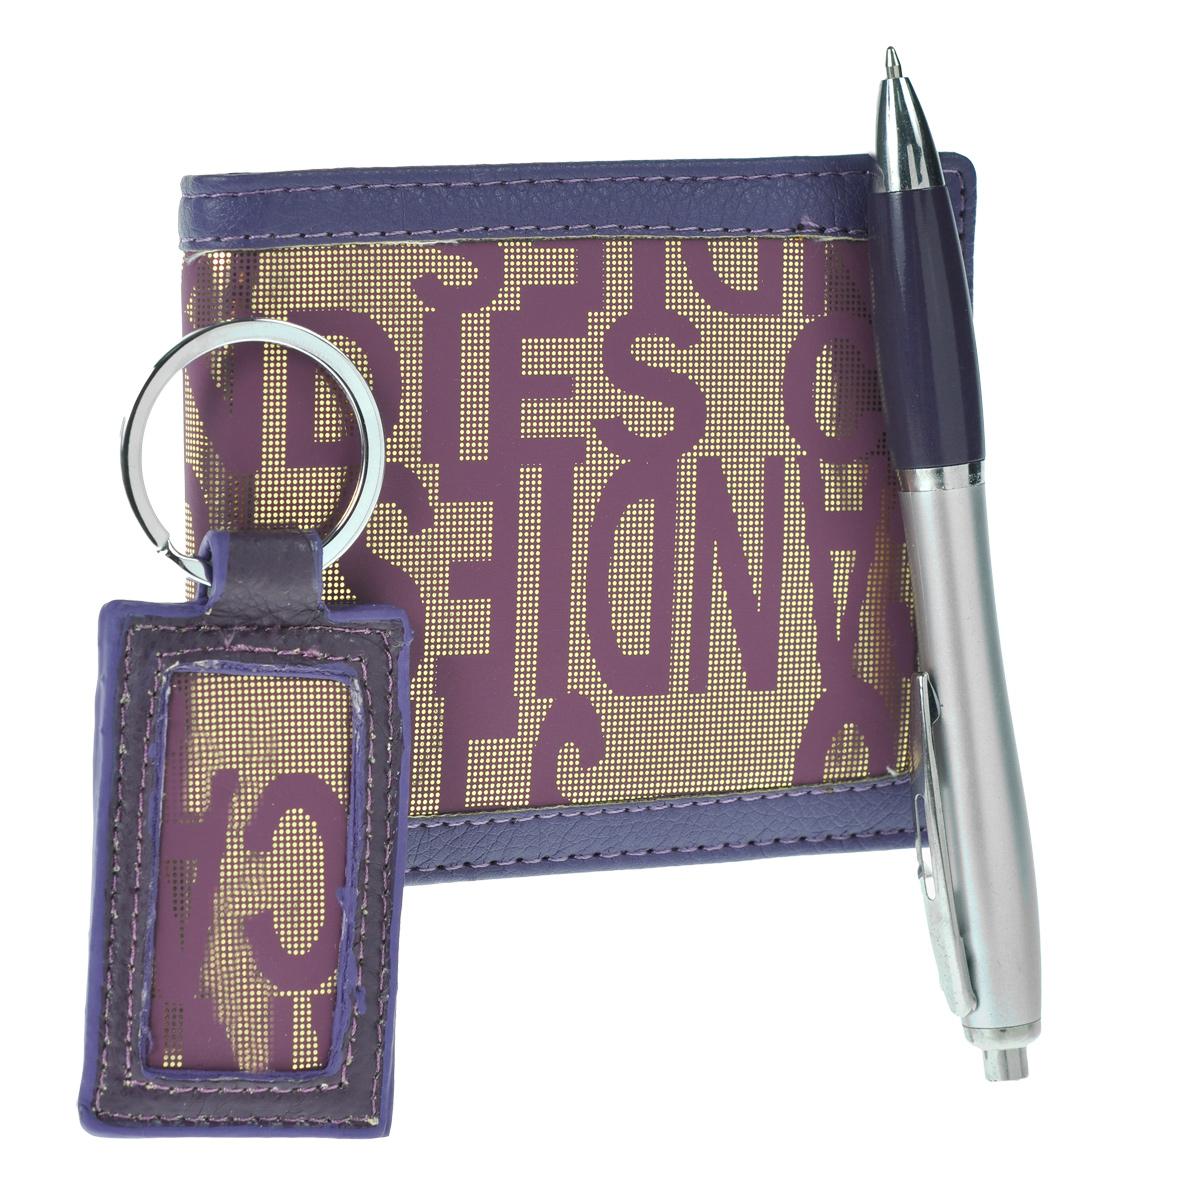 """Подарочный набор: портмоне, ручка, брелок, цвет: фиолетовый. 140304140304Подарочный набор, состоящий из шариковой ручки, брелока и портмоне порадует любую девушку. Портмоне выполнено из кожзаменителя фиолетового цвета и оформлено золотистой лазерной гравировкой. Внутри - два отделения для купюр, три наборных кармашка для кредитных карт, карман с прозрачным """"окошком"""" и два потайных кармашка для бумаг. Шариковая ручка с кнопочным механизмом оформлена вставкой из кожзаменителя. Стильный брелок, выполненный из полиуретана в том же дизайне, что и портмоне, оснащен металлическим кольцом для ключей. Оригинальные и функциональные аксессуары подчеркнут изысканный вкус своей владелицы. Предметы набора хранятся в подарочной картонной коробке."""